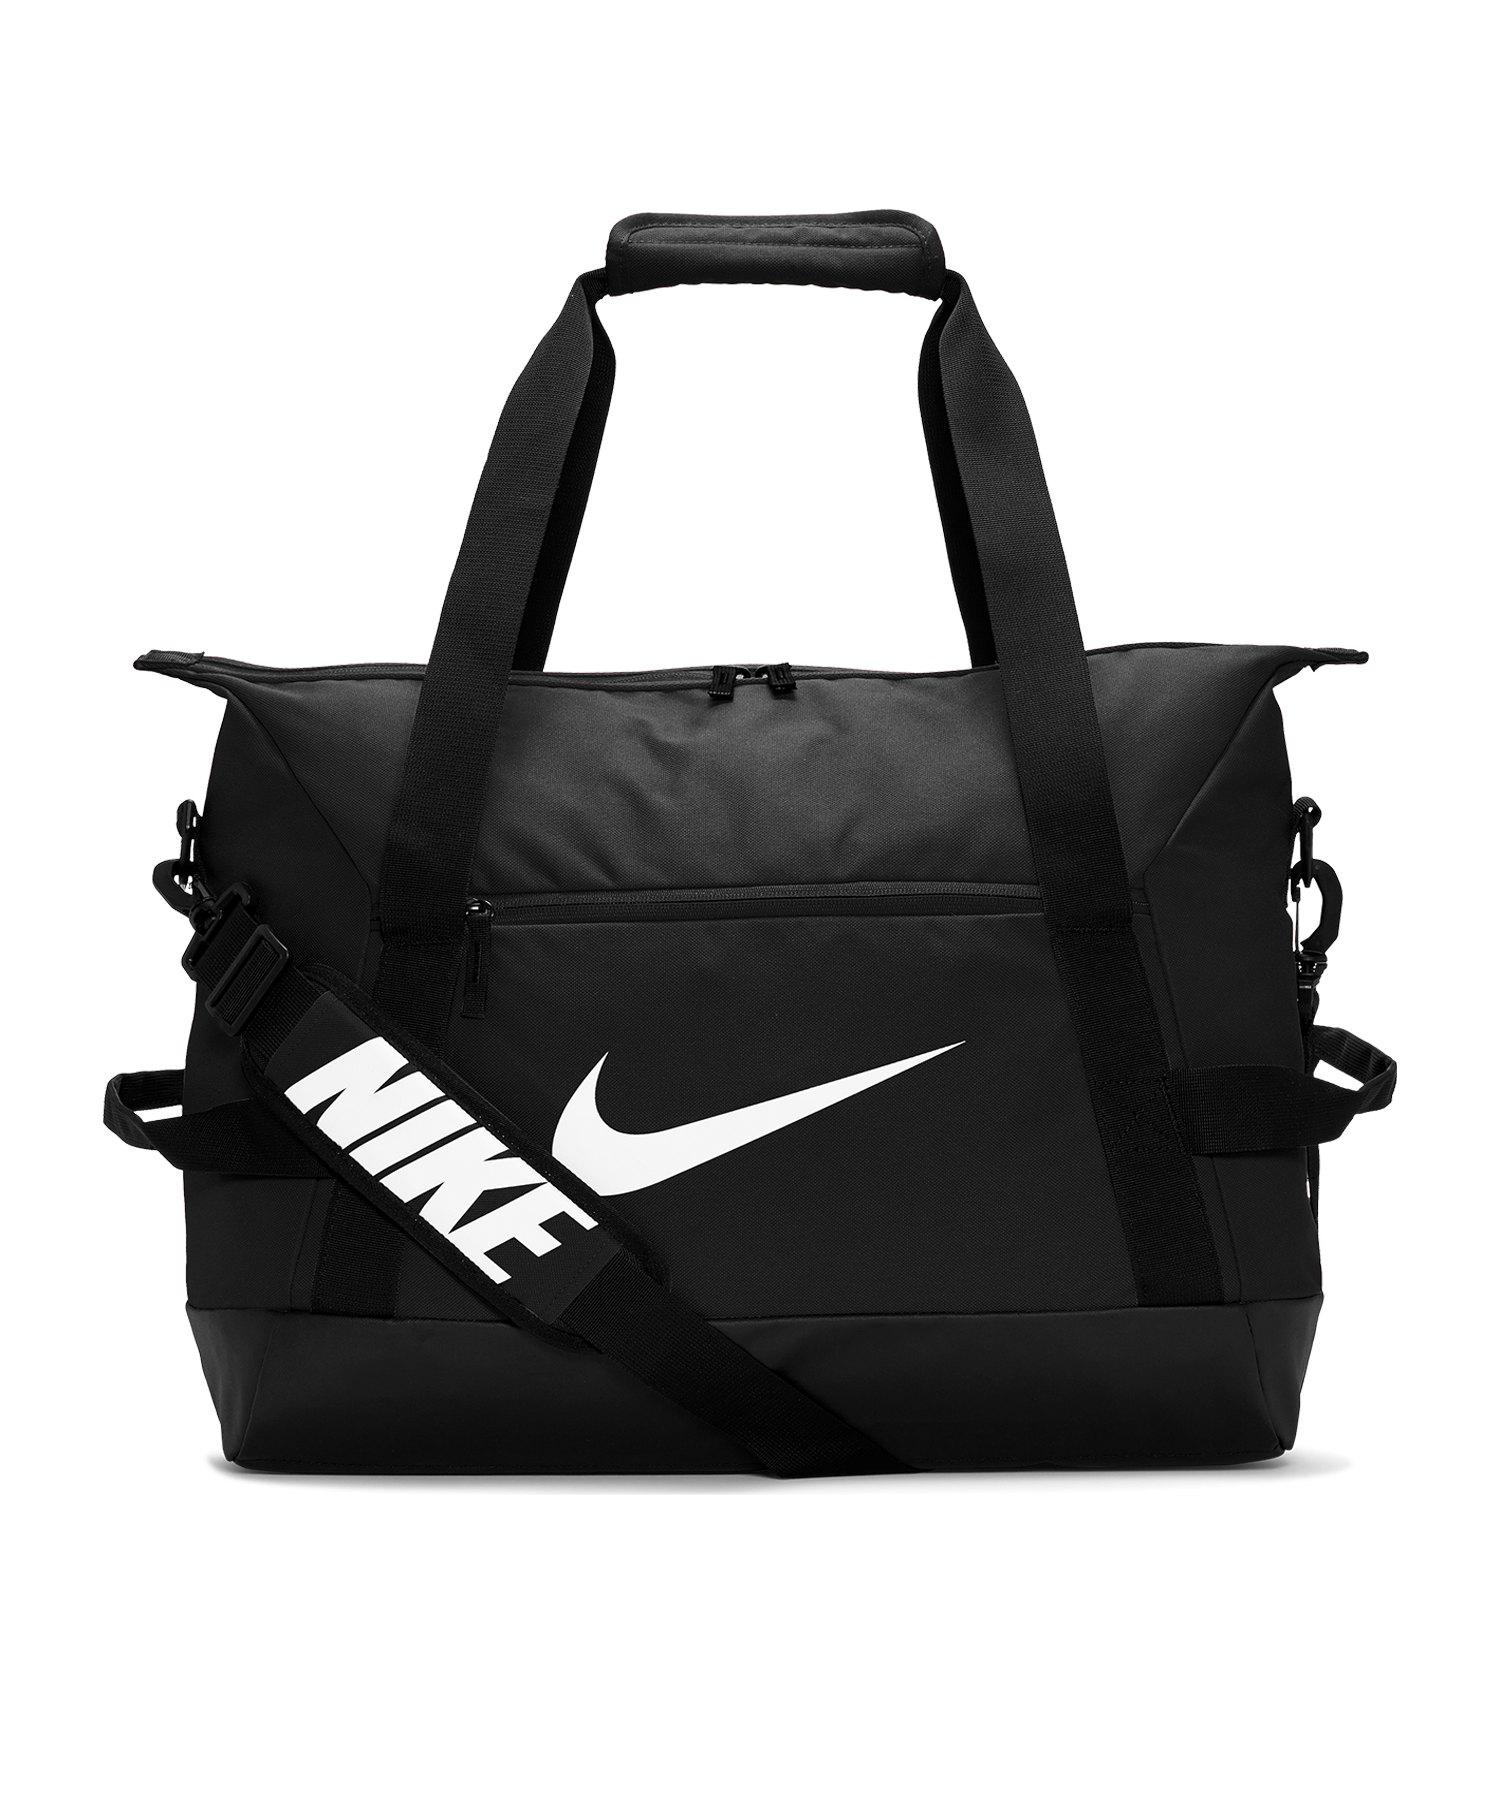 Nike Academy Duffle Tasche Small Schwarz F010 - schwarz